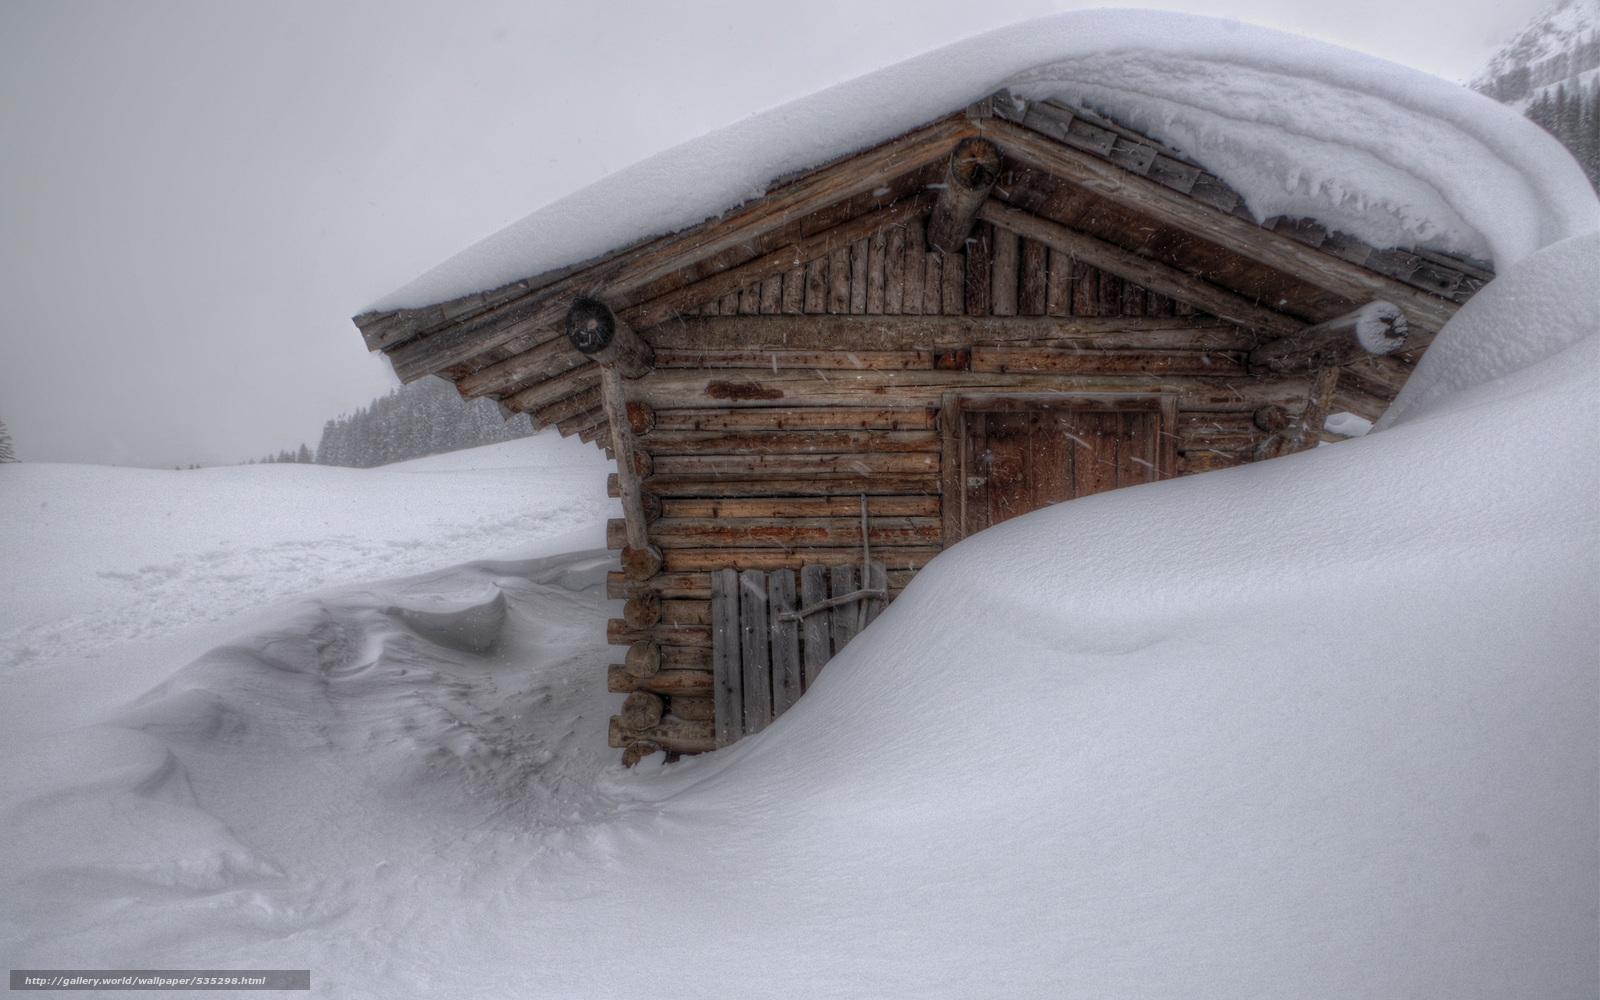 Download wallpaper winter drifts snow cabin desktop wallpaper 1600x1000